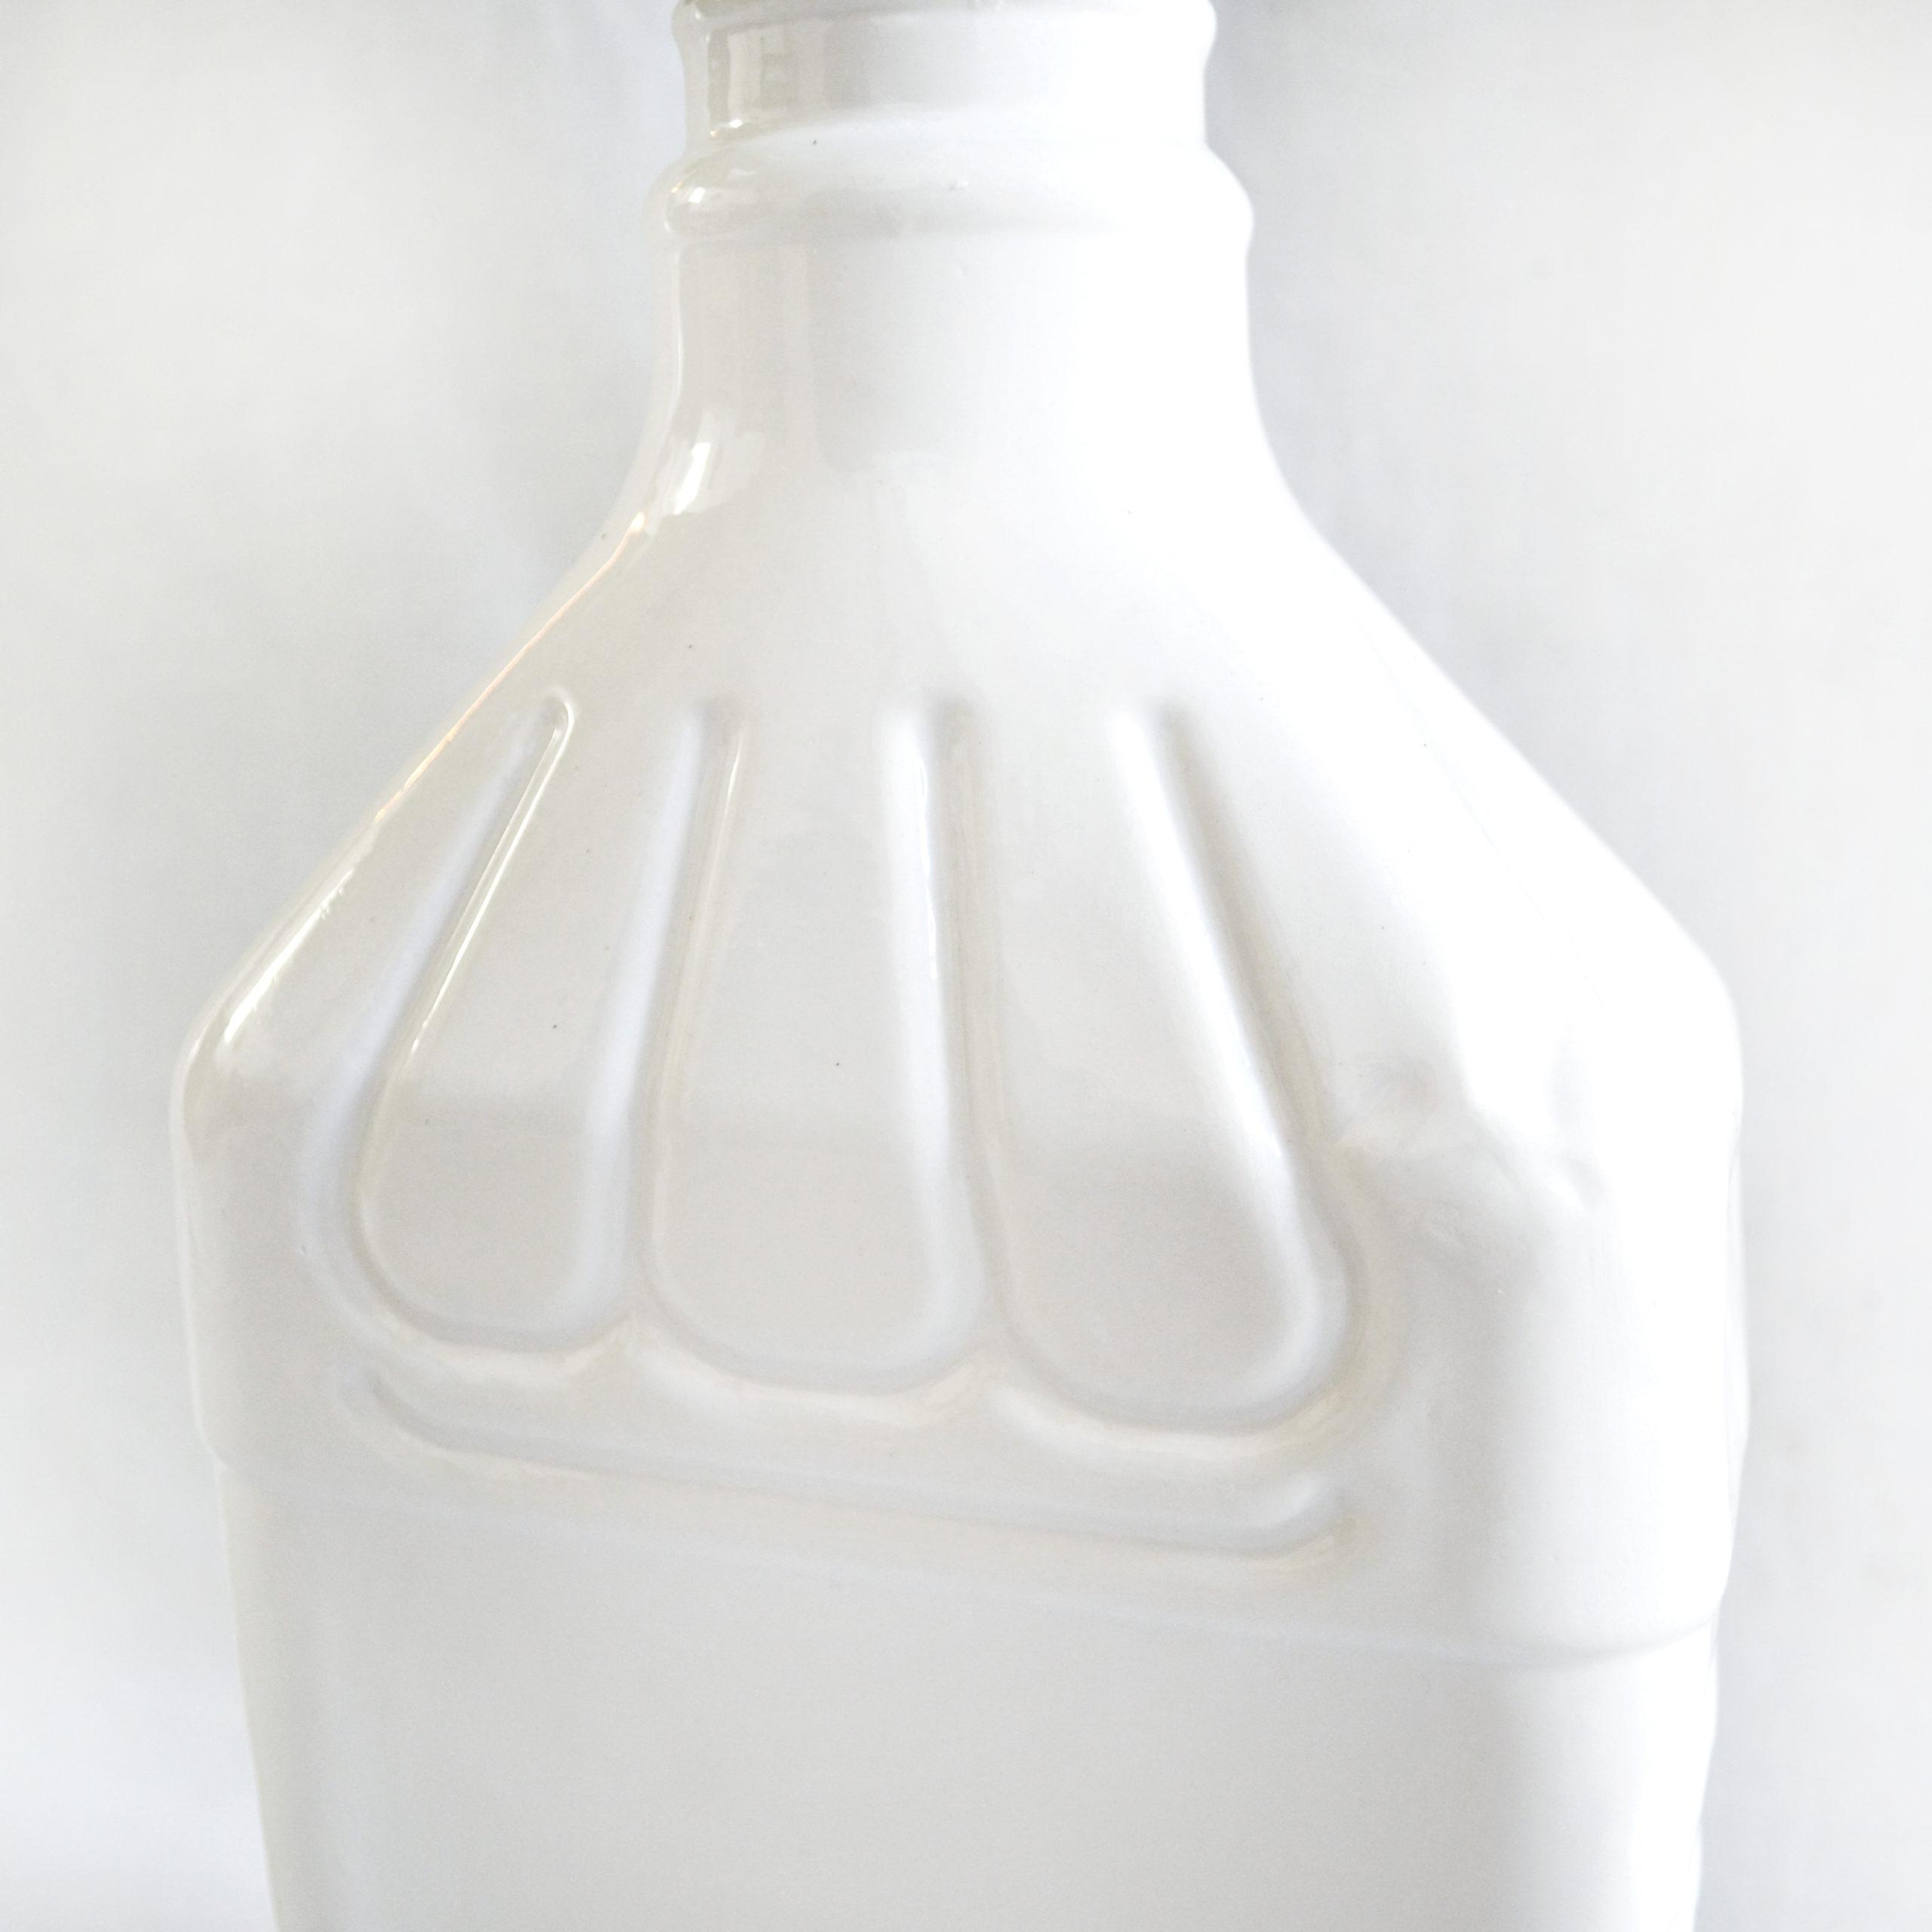 detalle botella ceramica de diseño de calidad hecha a mano color blanco loza